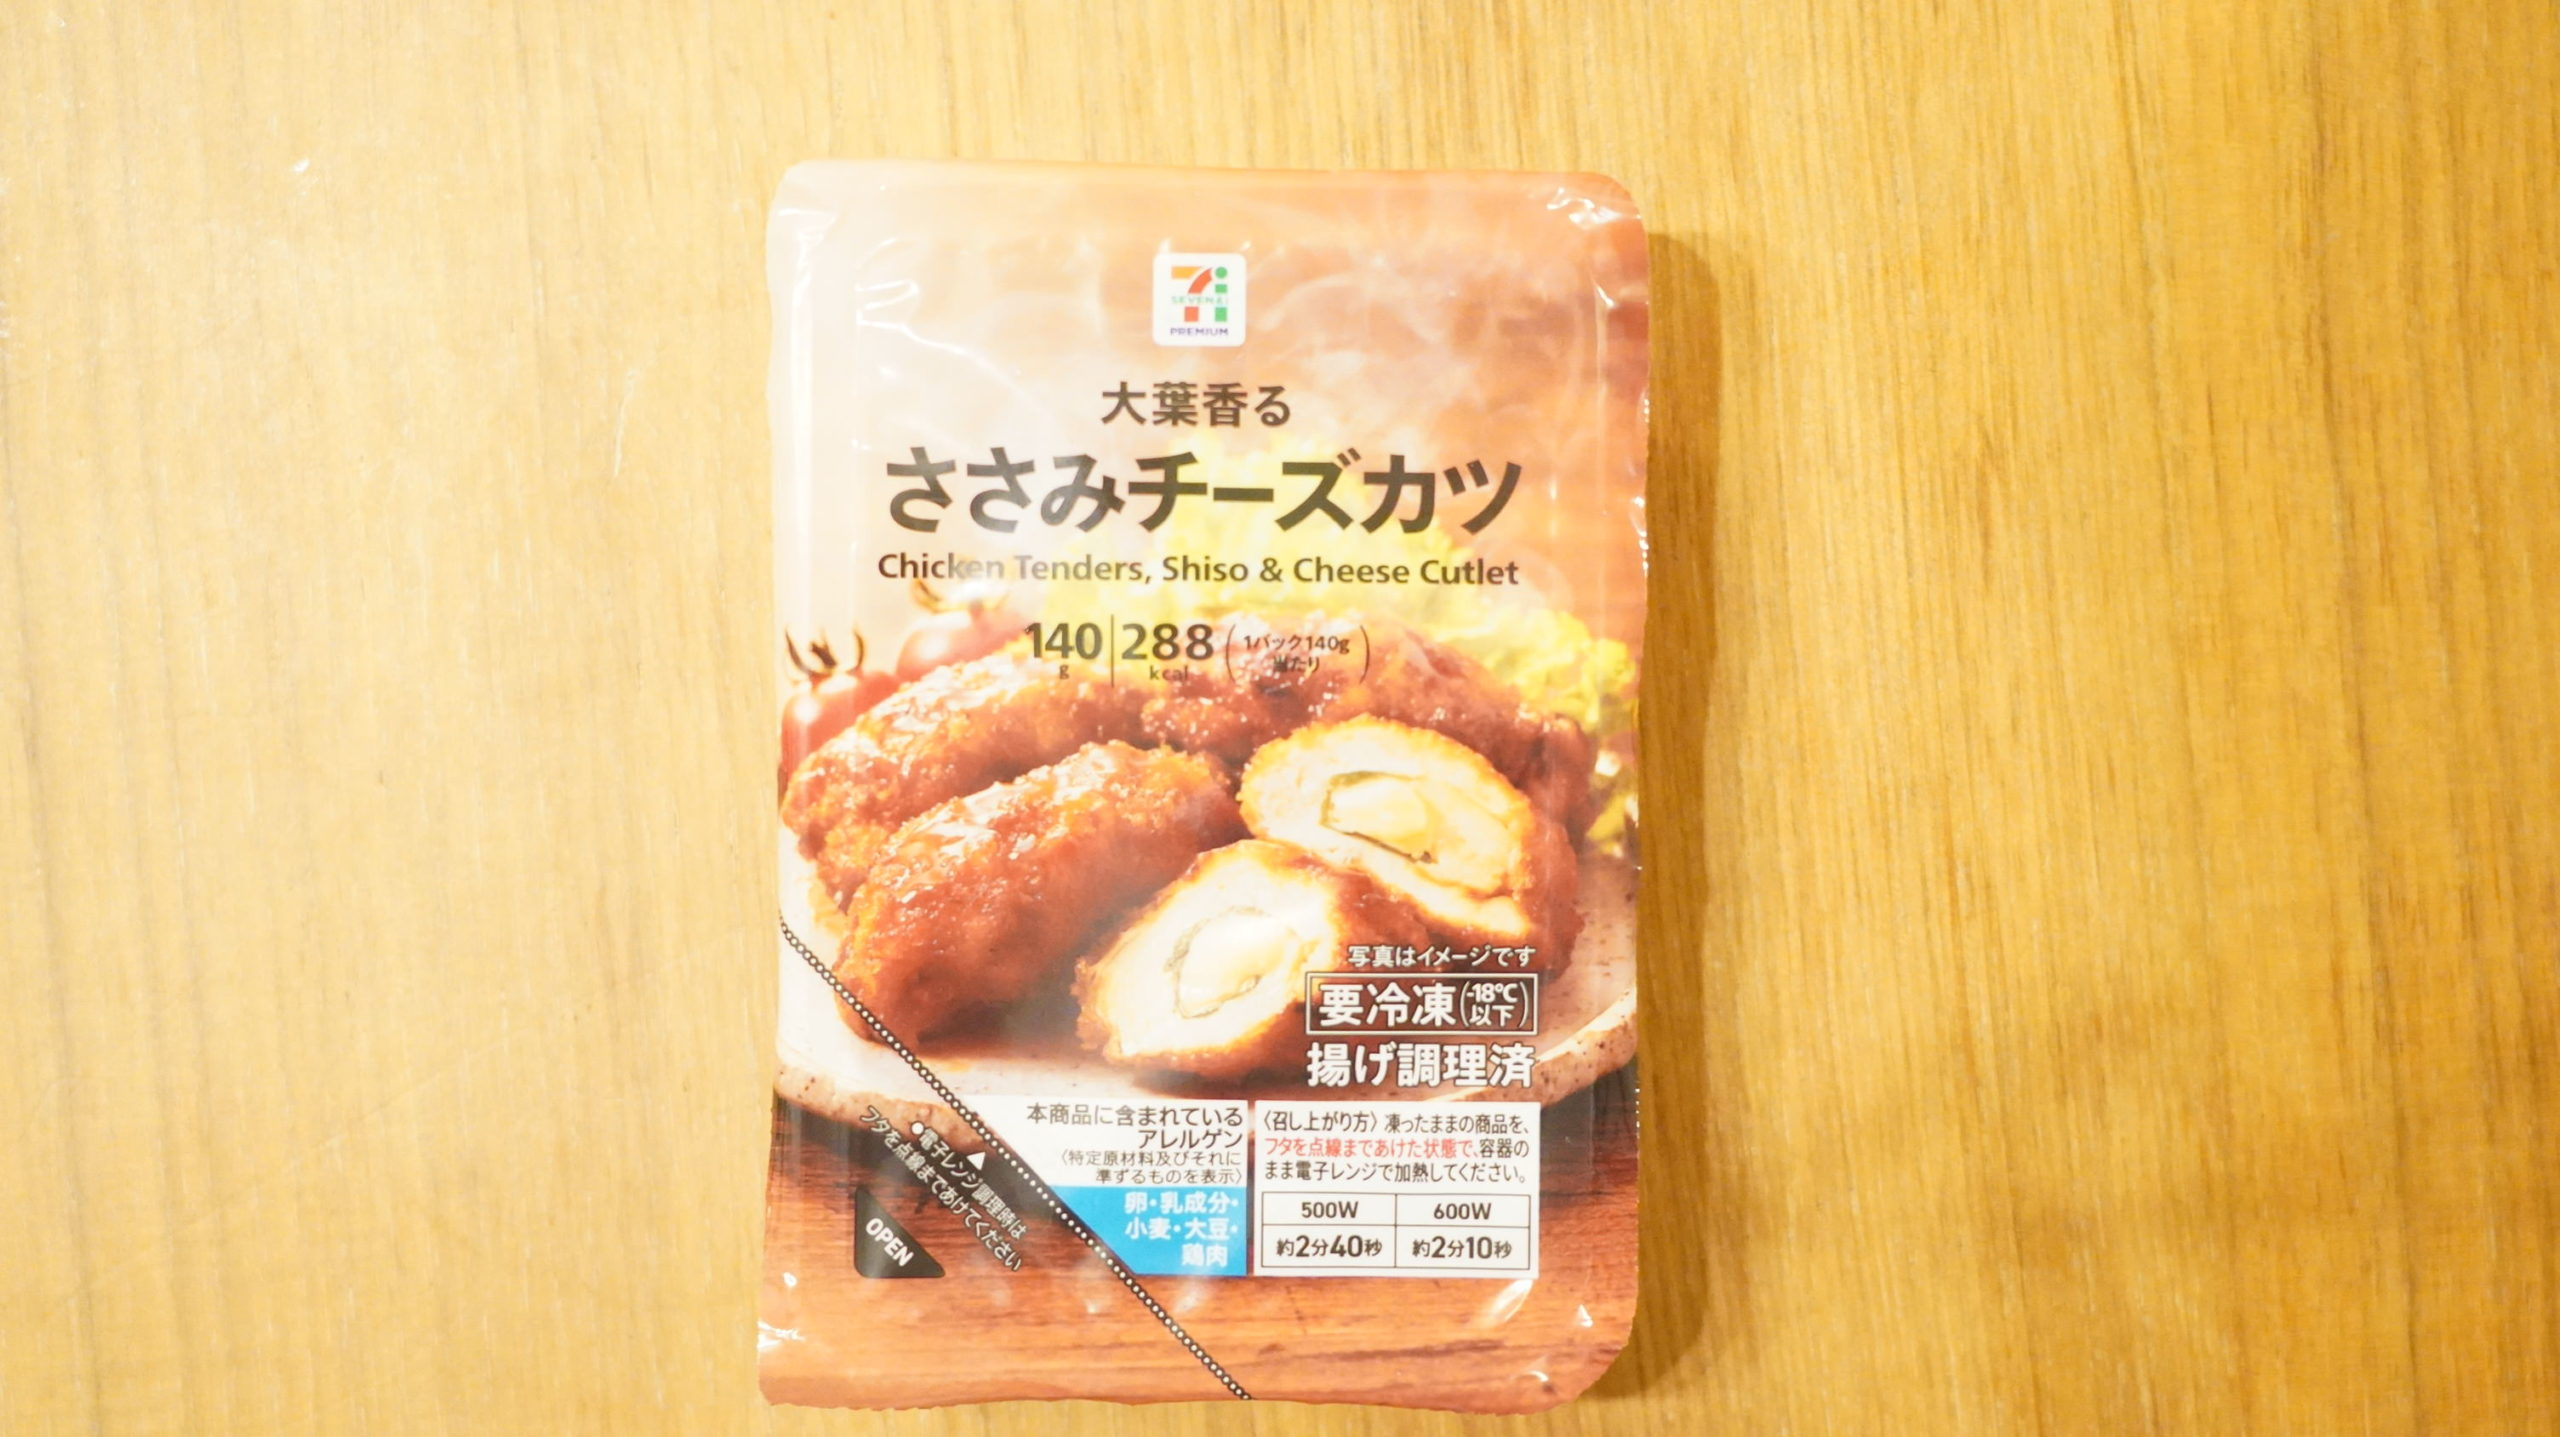 セブンイレブンの冷凍食品「大葉香る・ささみチーズカツ」のパッケージ写真